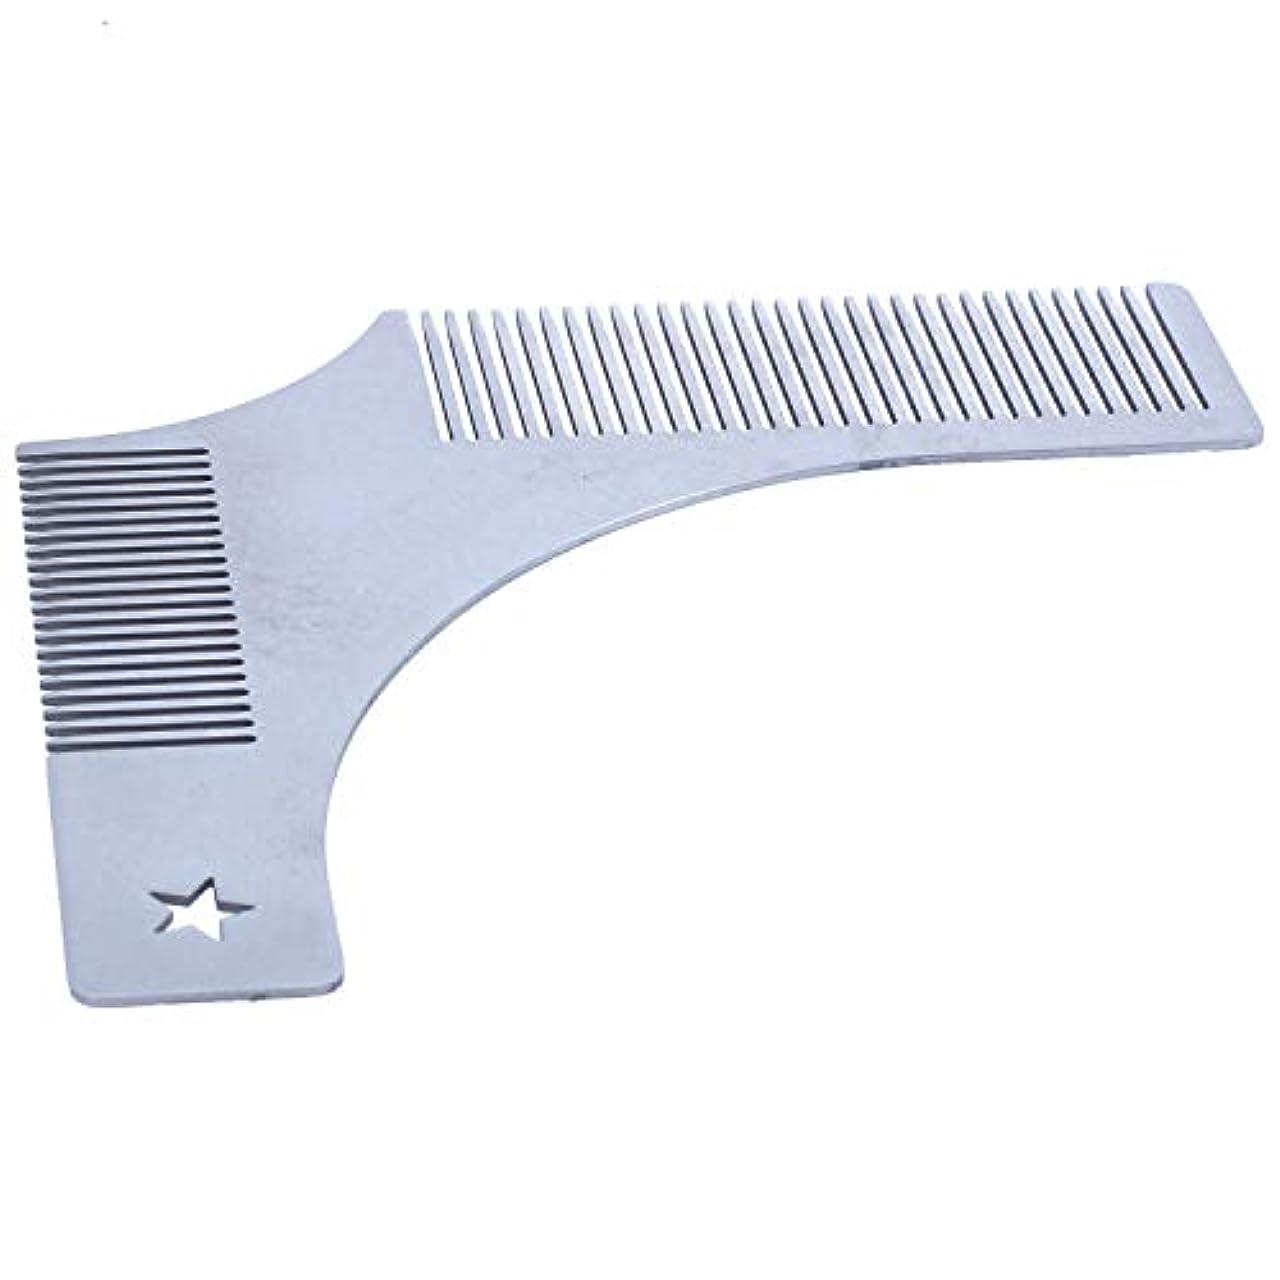 ダーリントランジスタラジウムRETYLY ひげ造形櫛ステンレス鋼ひげ成形ツールひげモデリングテンプレートカーディングツールひげ櫛